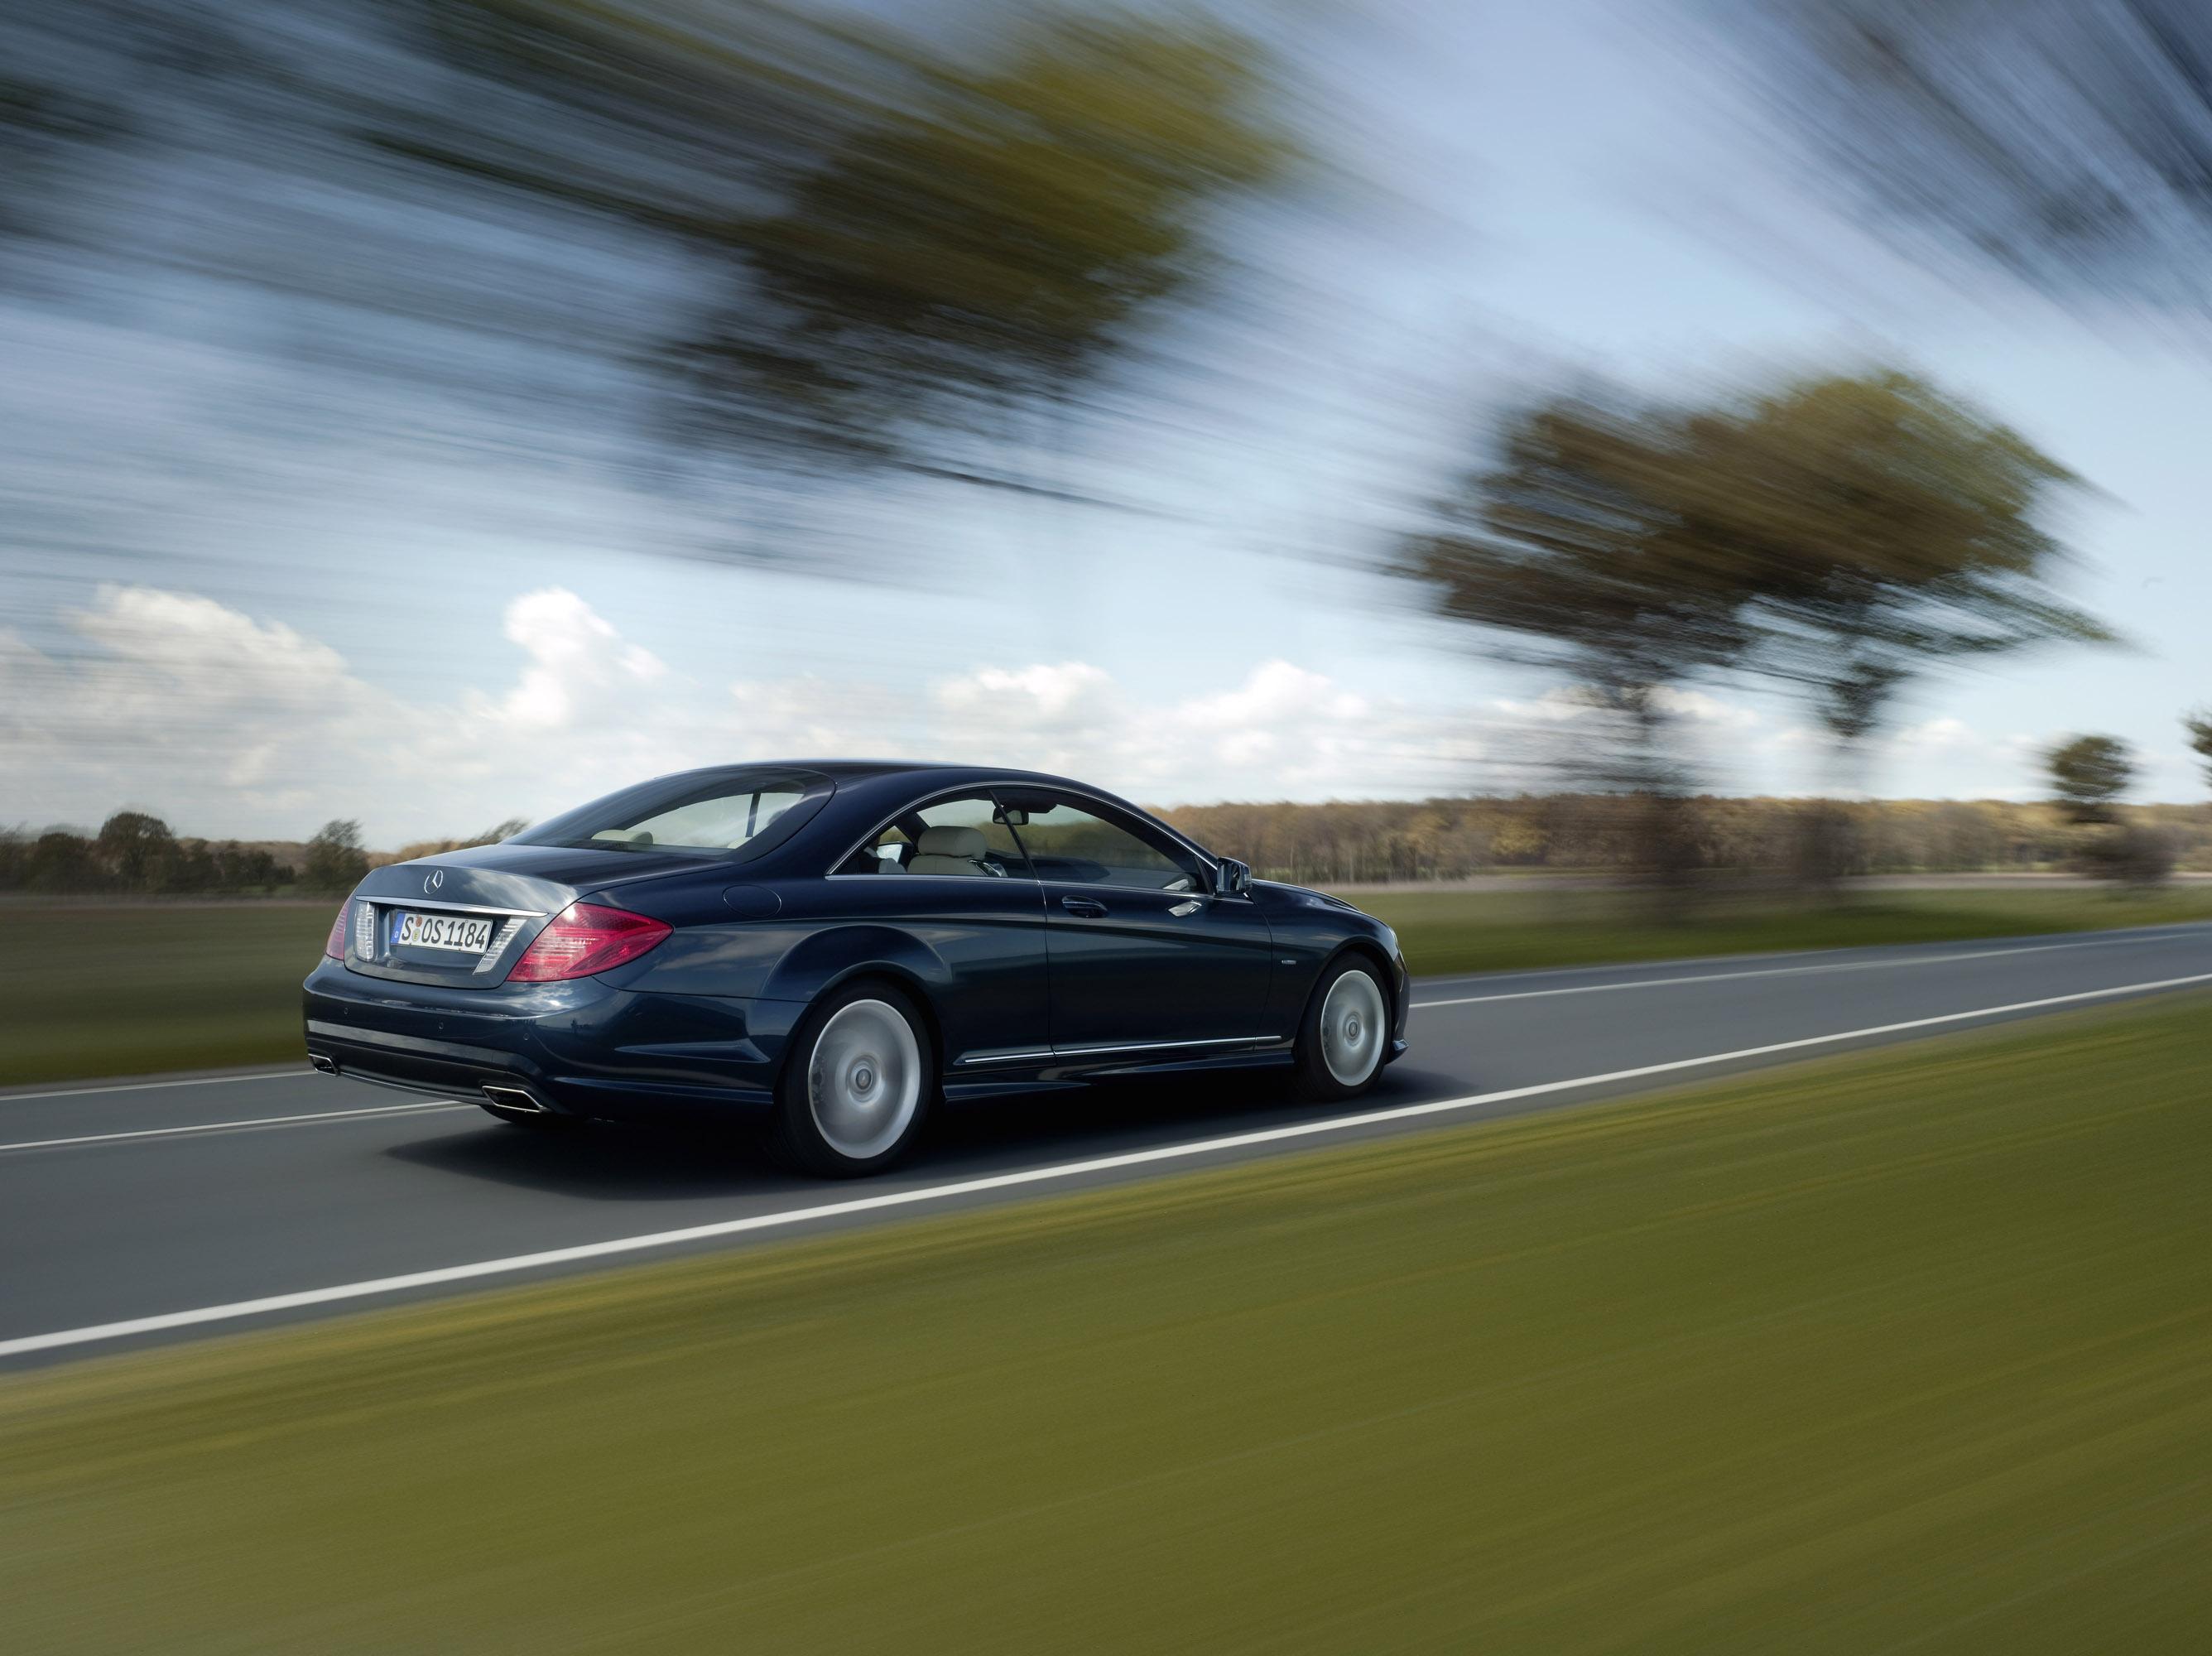 2011 Mercedes-Benz CL-Class сочетает в себе новейшие технологии с повышенной комфортности - фотография №21